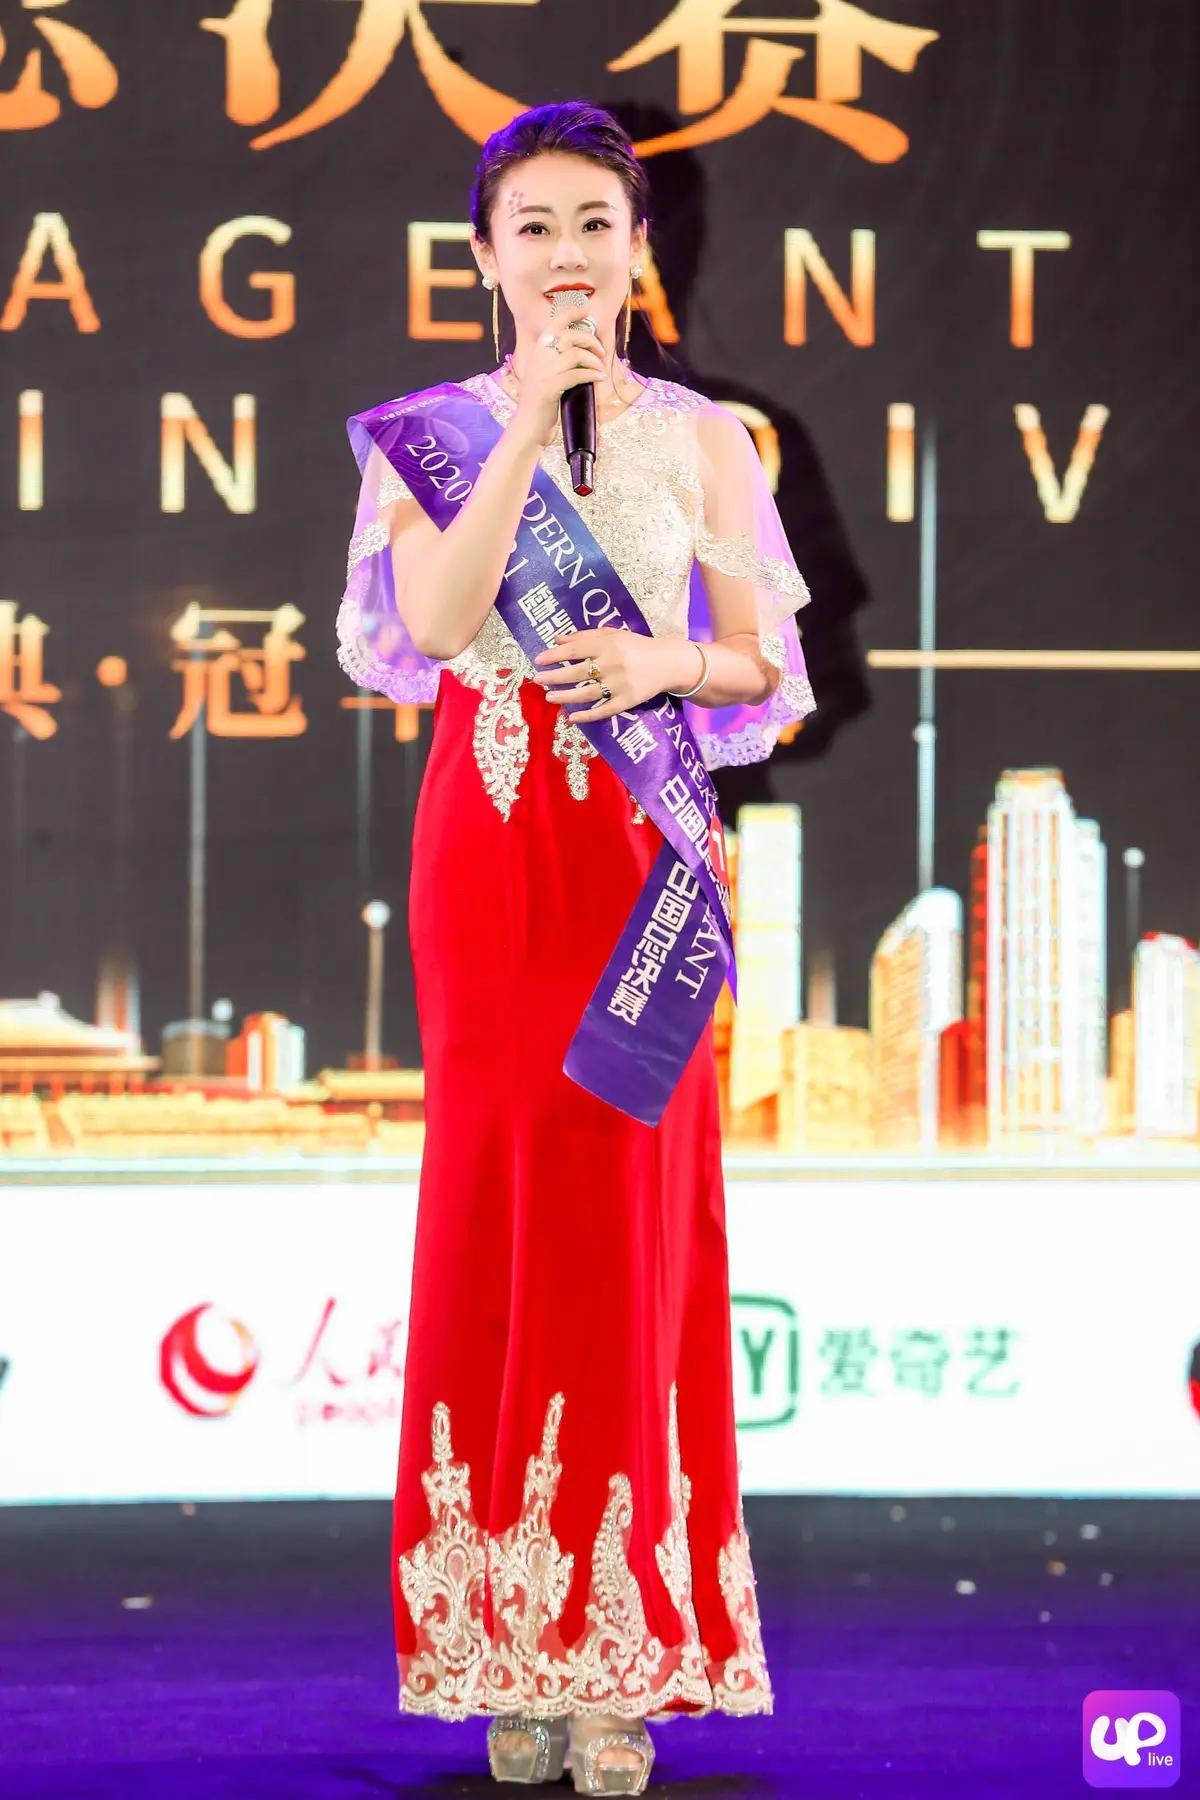 央视主持人慕洋洋受邀出席2021摩登女王中国区决赛并获殊荣